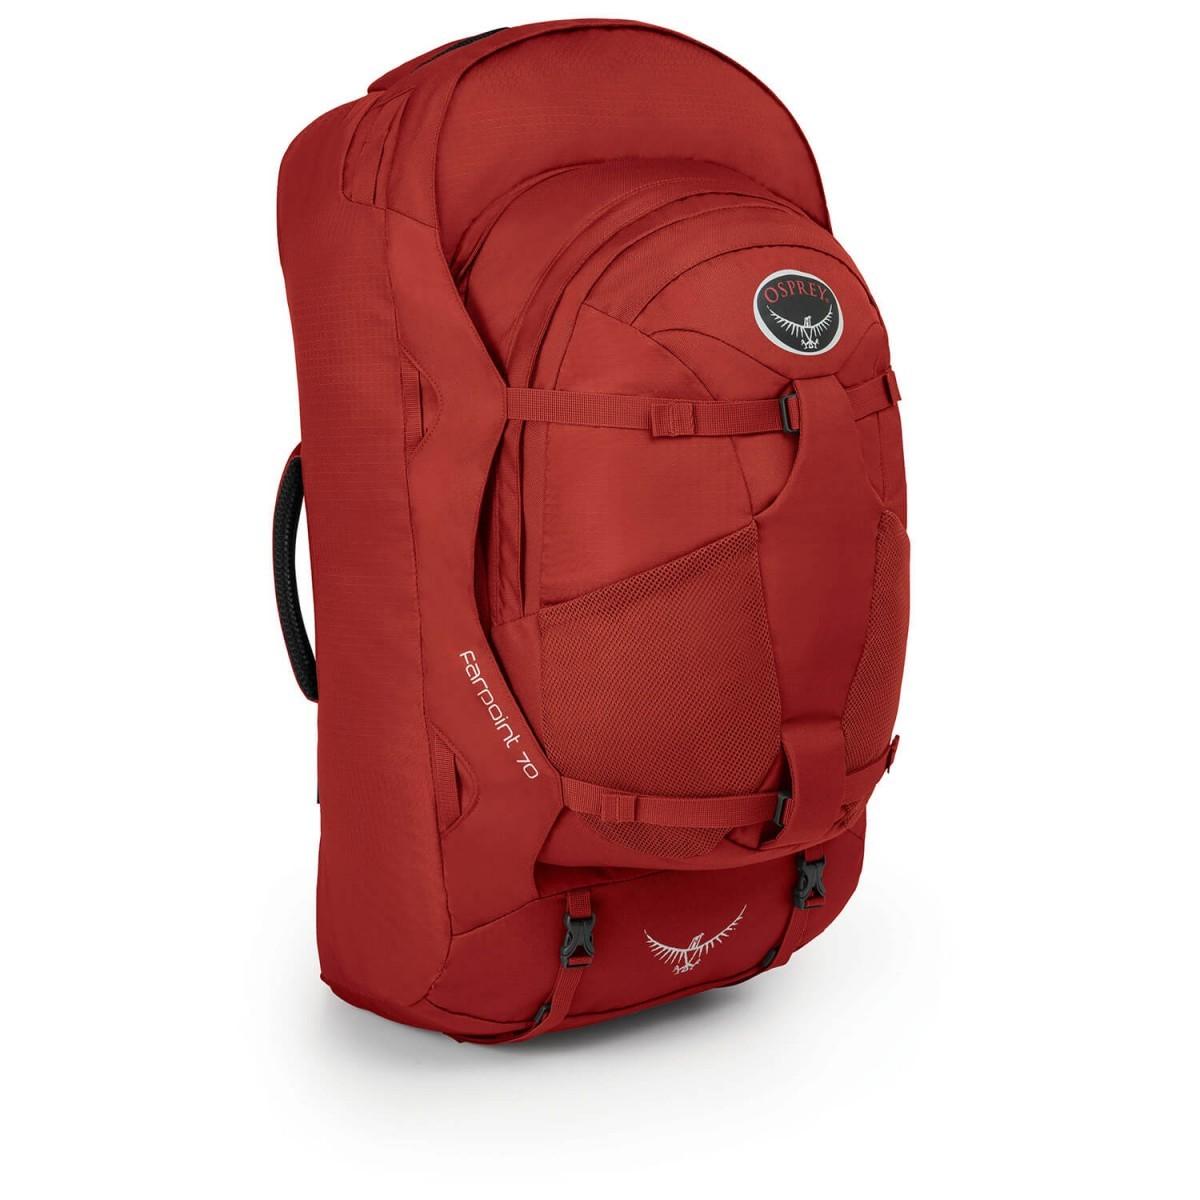 オスプレー ファーポイント 70 Farpoint 70 (Jasper Red)★リュック・バックパック・登山・山歩・トレッキング★